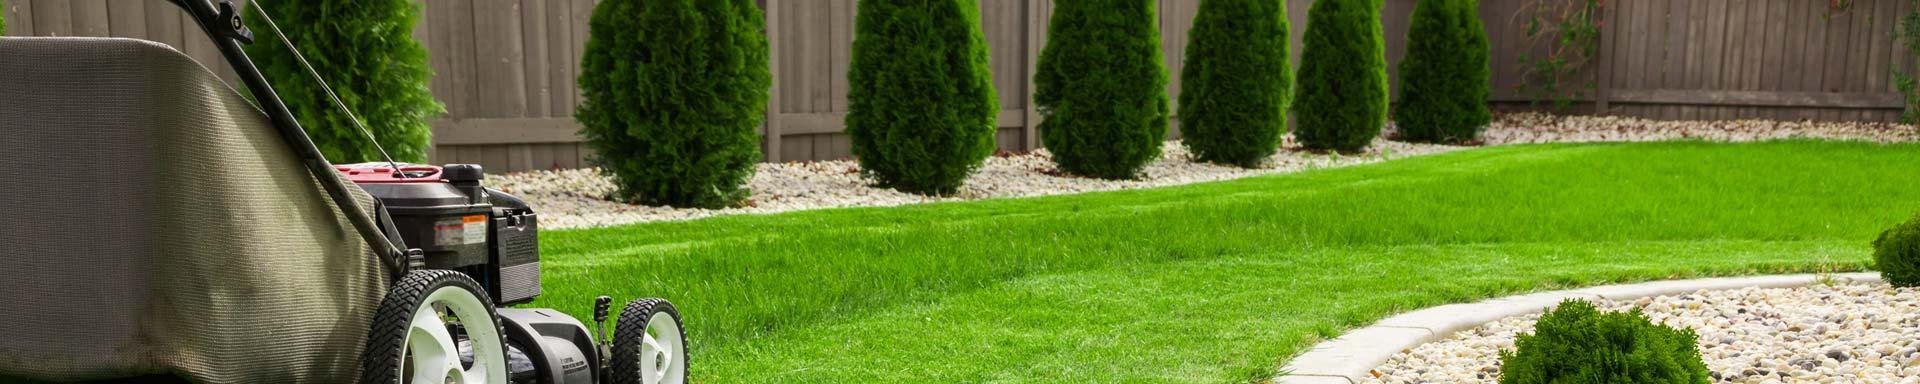 Garten und landschaftsbau stuttgart gartenpflege und for Gartengestaltung stuttgart